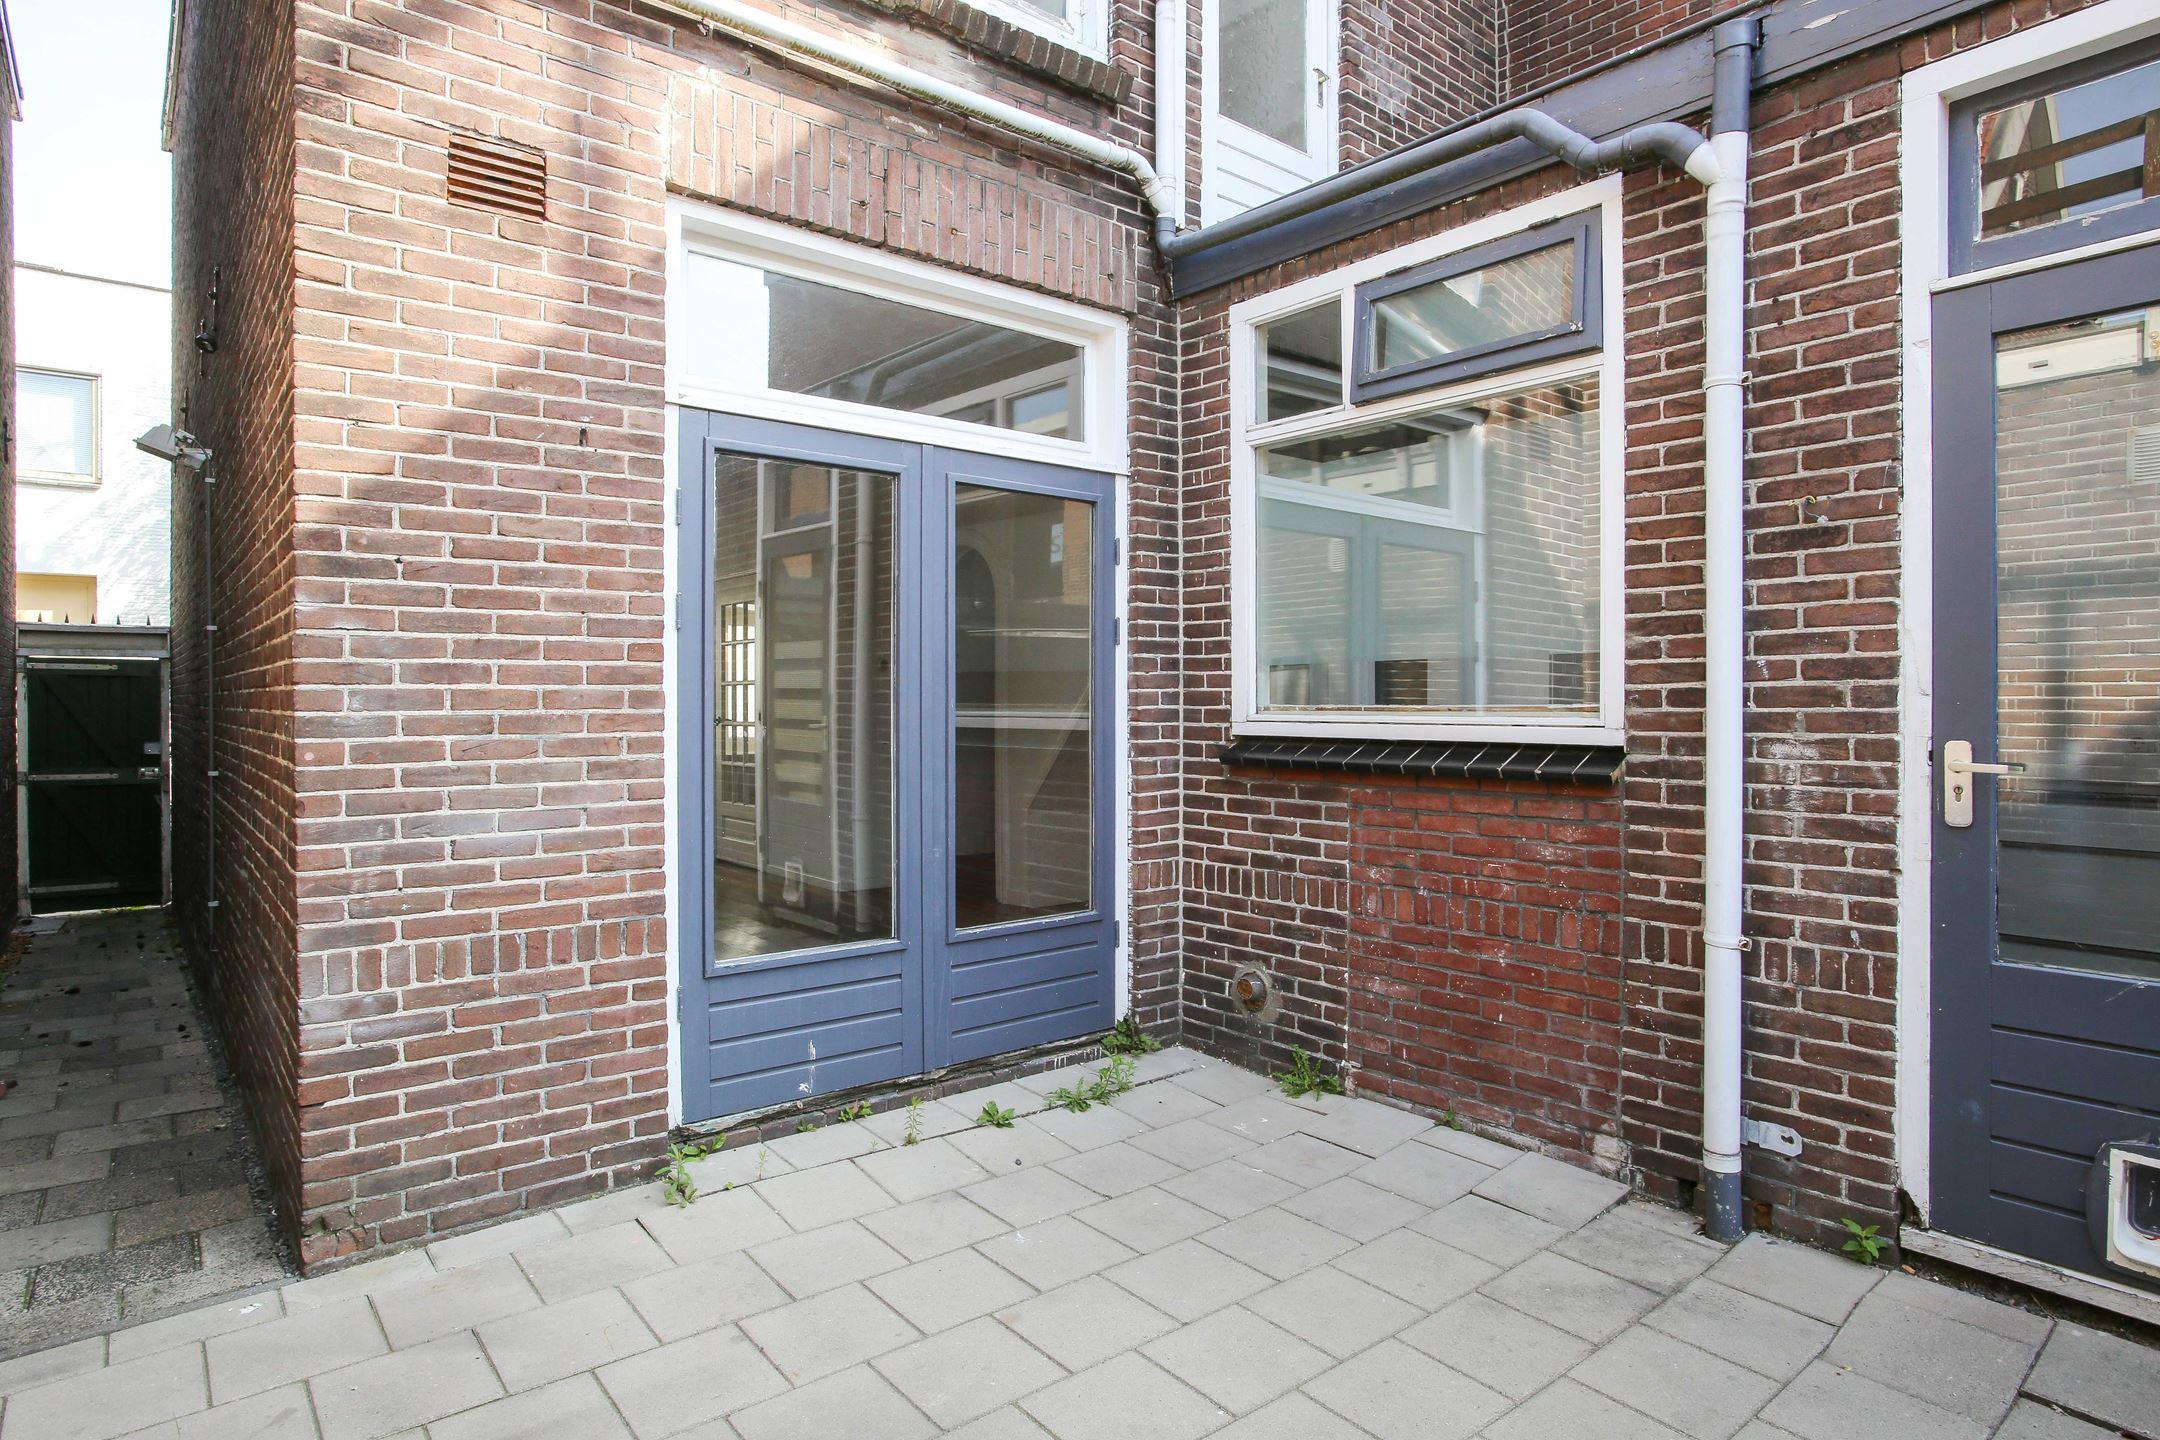 Huis te koop tuinstraat 19 1506 vv zaandam funda - Huis vv ...